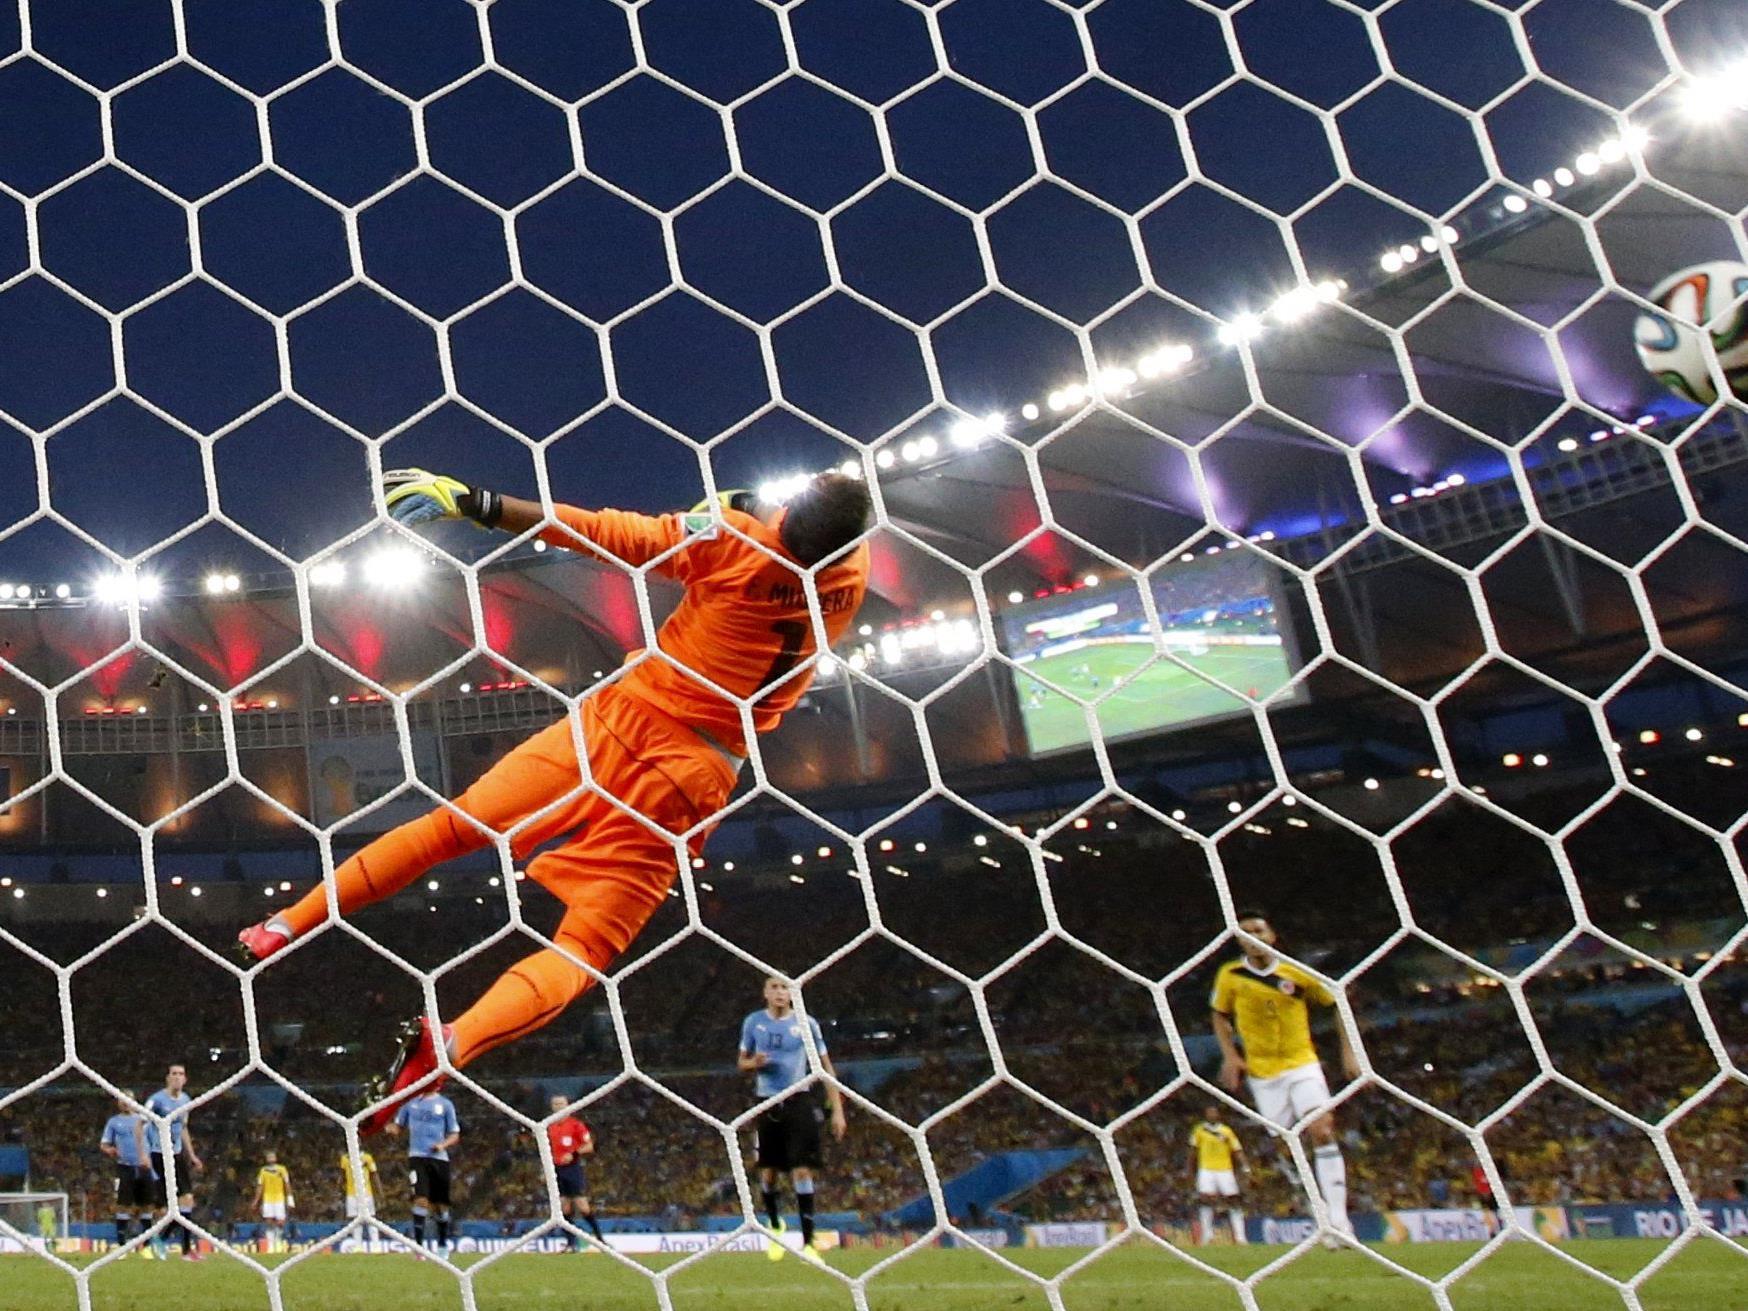 Volleyschuss von James Rodriguez gegen Uruguay zum besten WM-Tor 2014 gewählt.